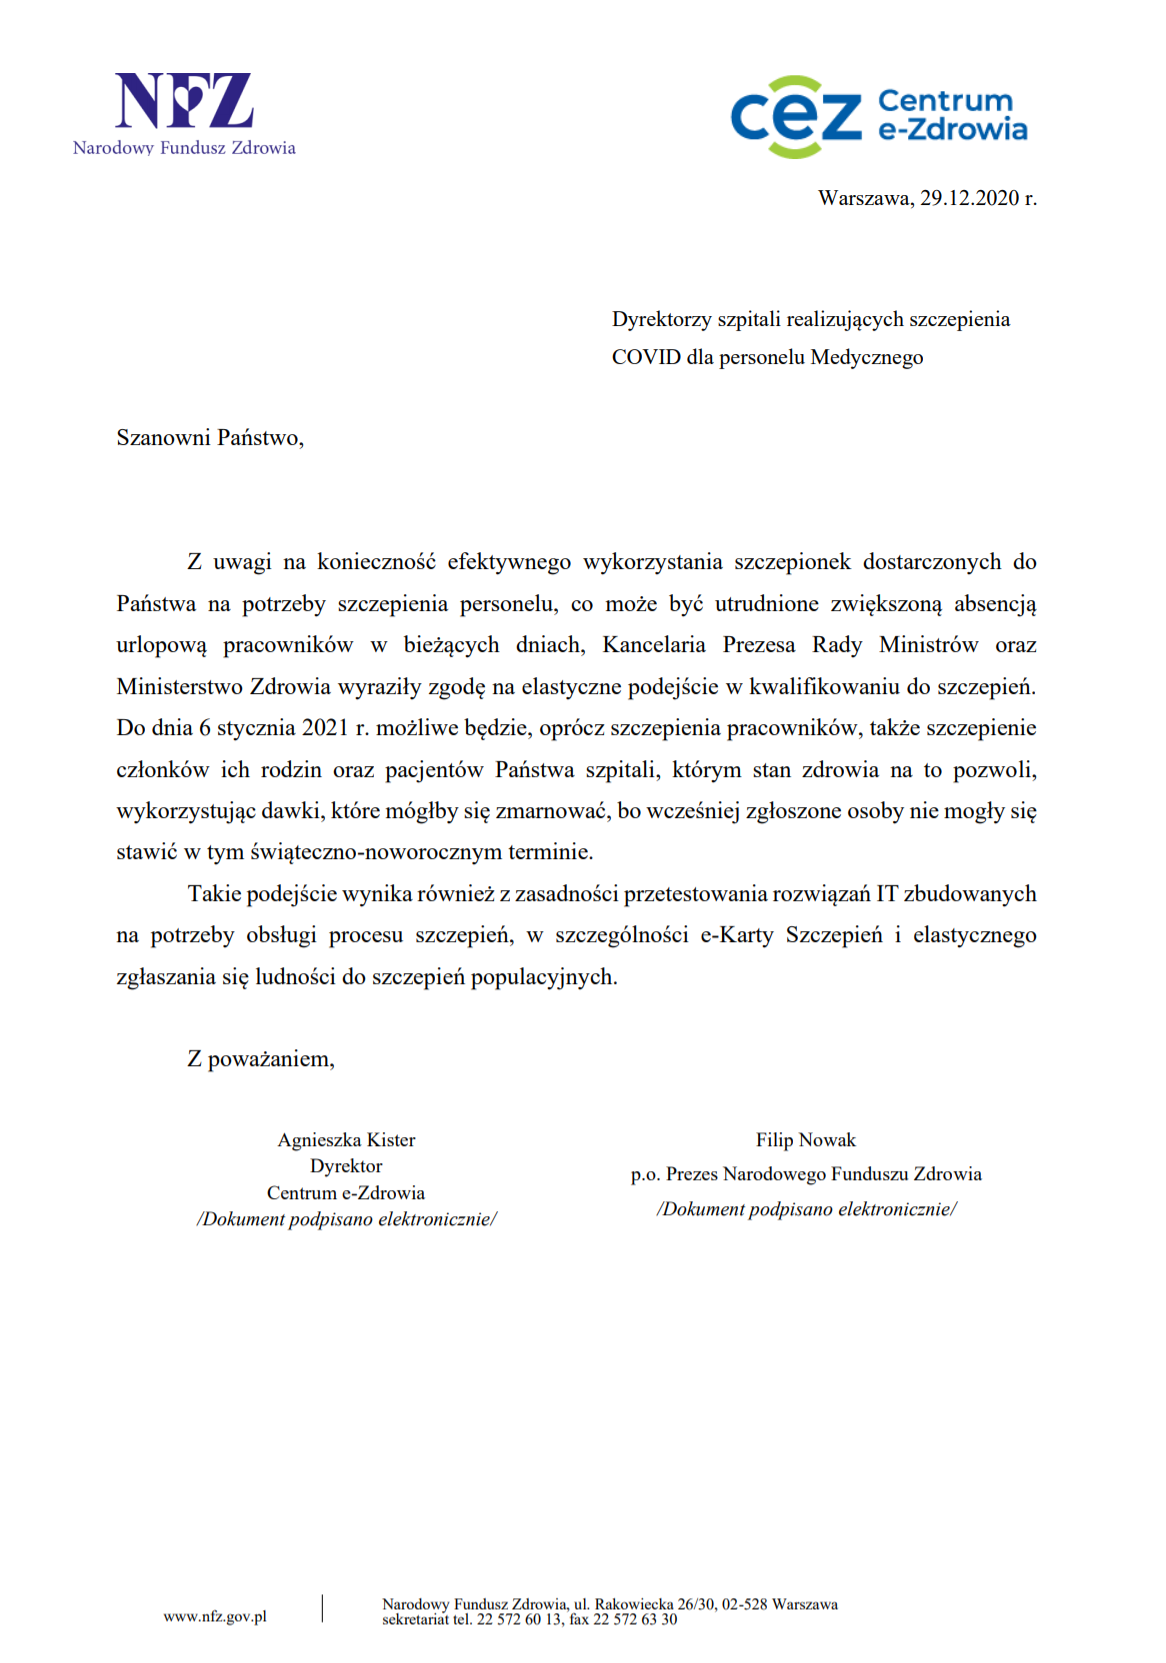 Pismo NFZ do dyrektorów szpitali